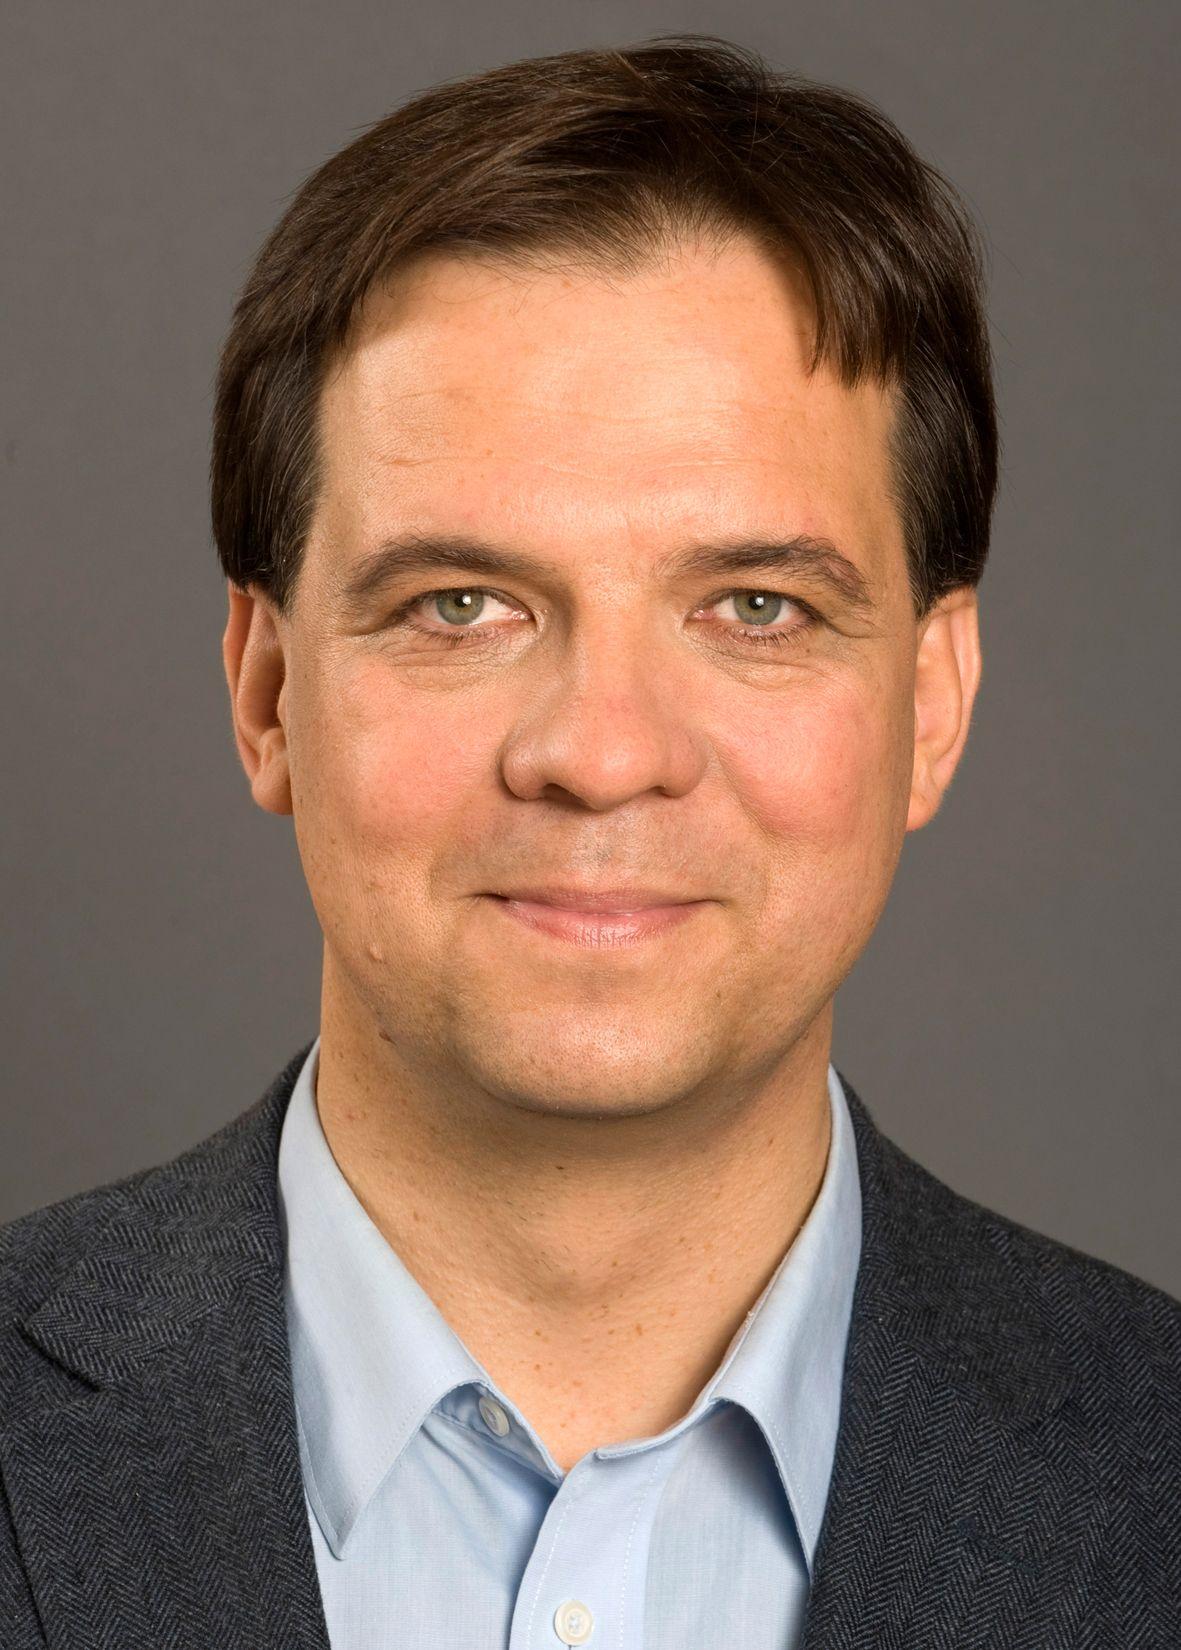 Markus Bautsch